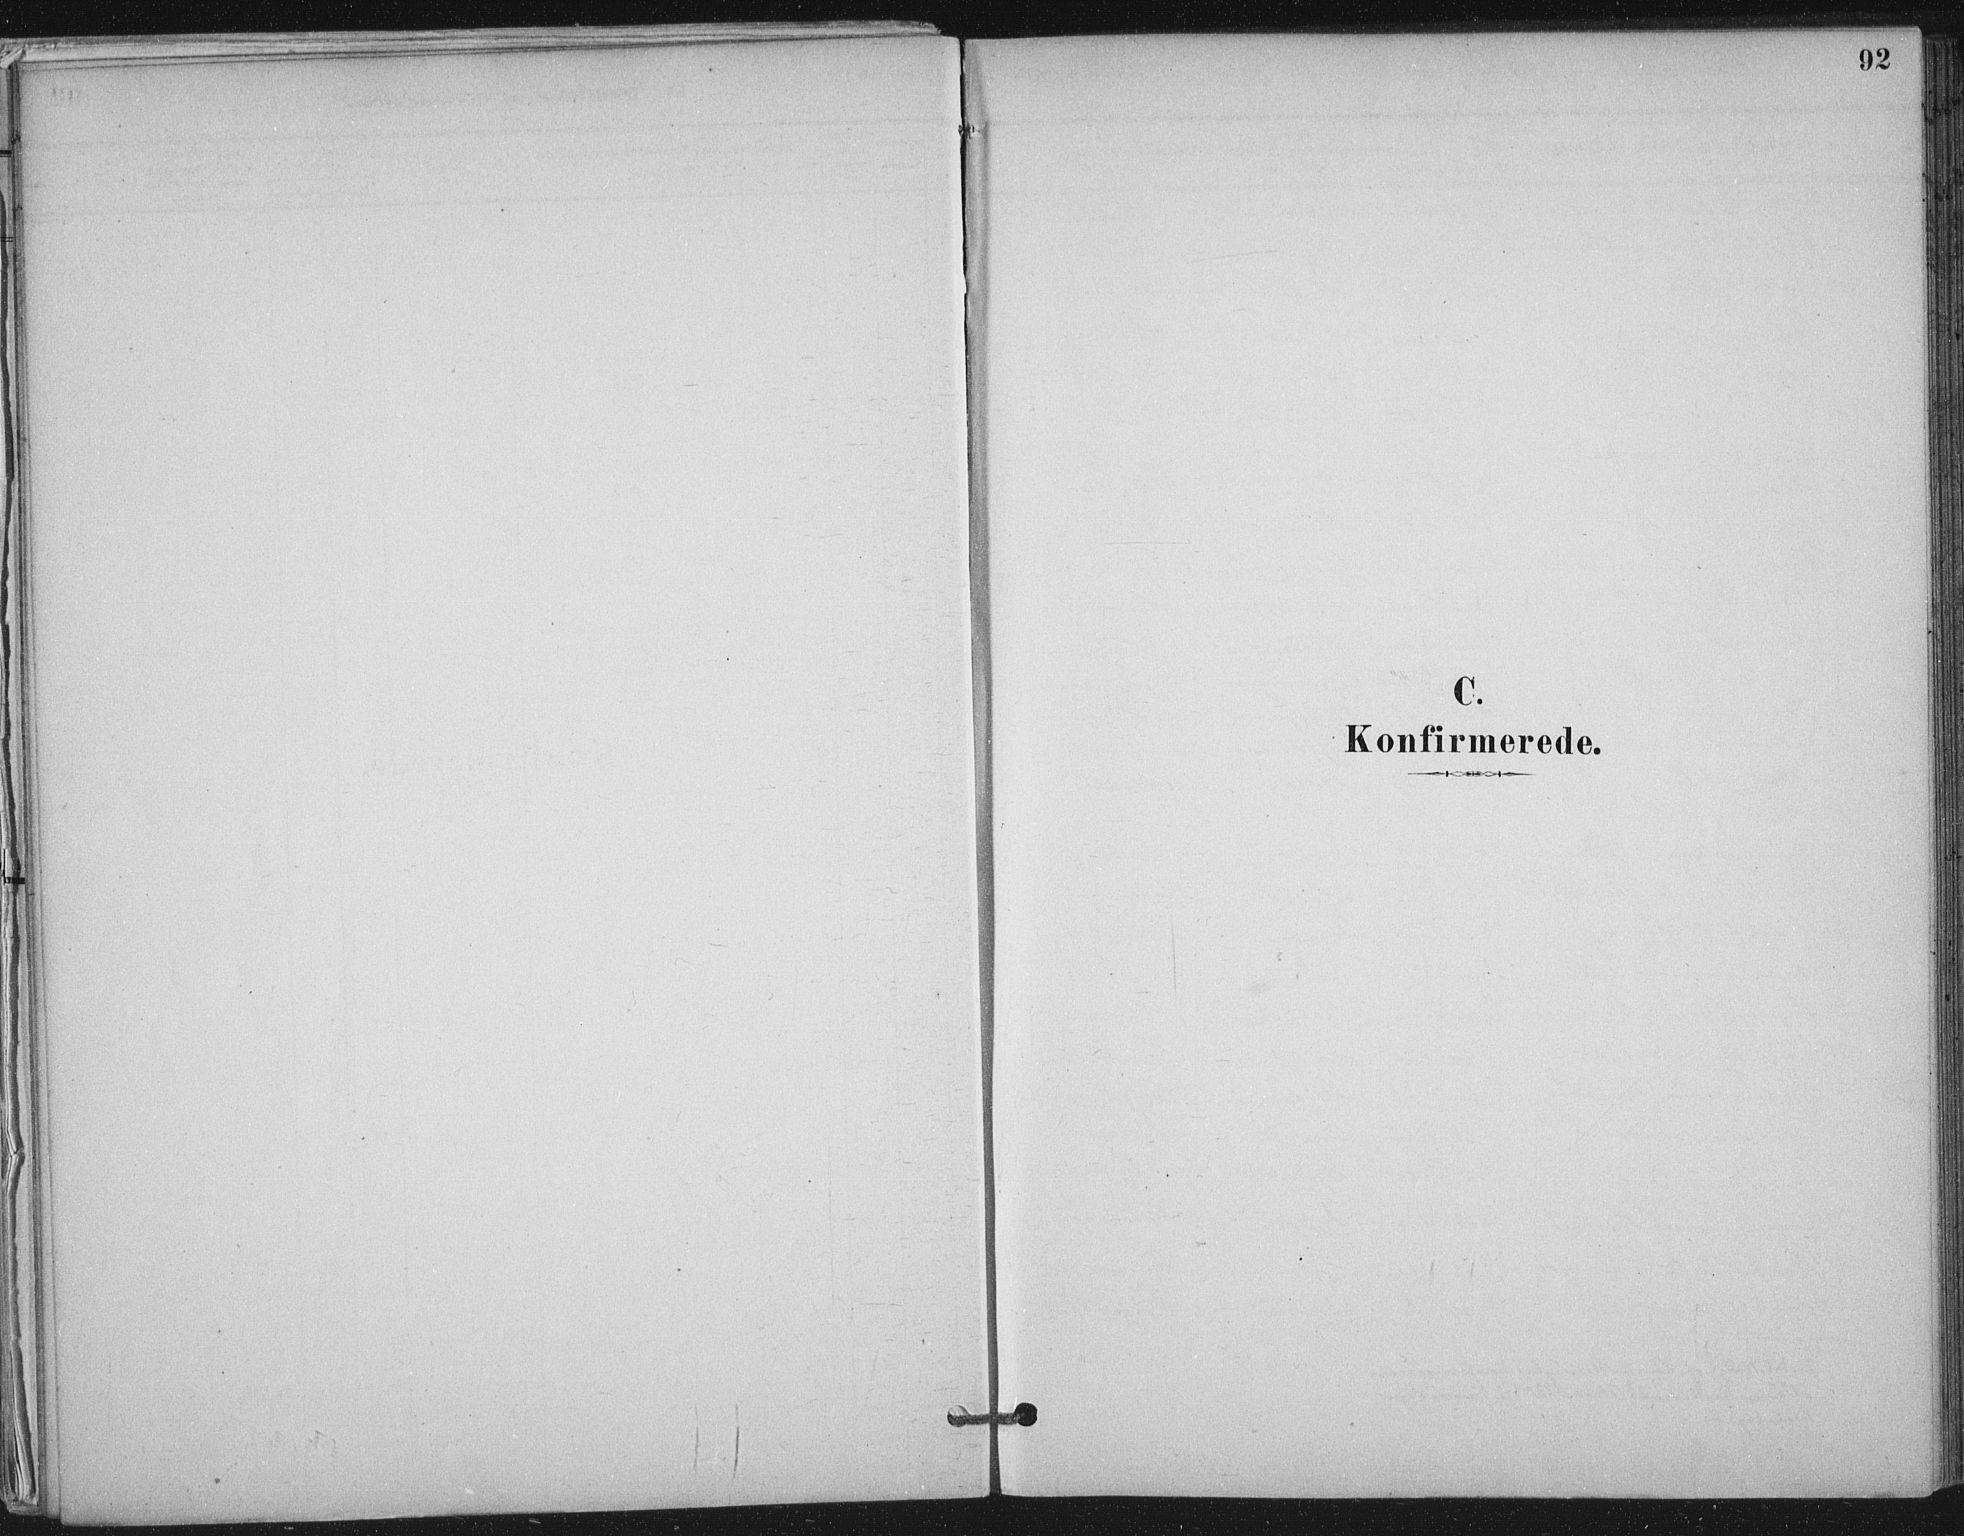 SAT, Ministerialprotokoller, klokkerbøker og fødselsregistre - Nord-Trøndelag, 710/L0095: Ministerialbok nr. 710A01, 1880-1914, s. 92